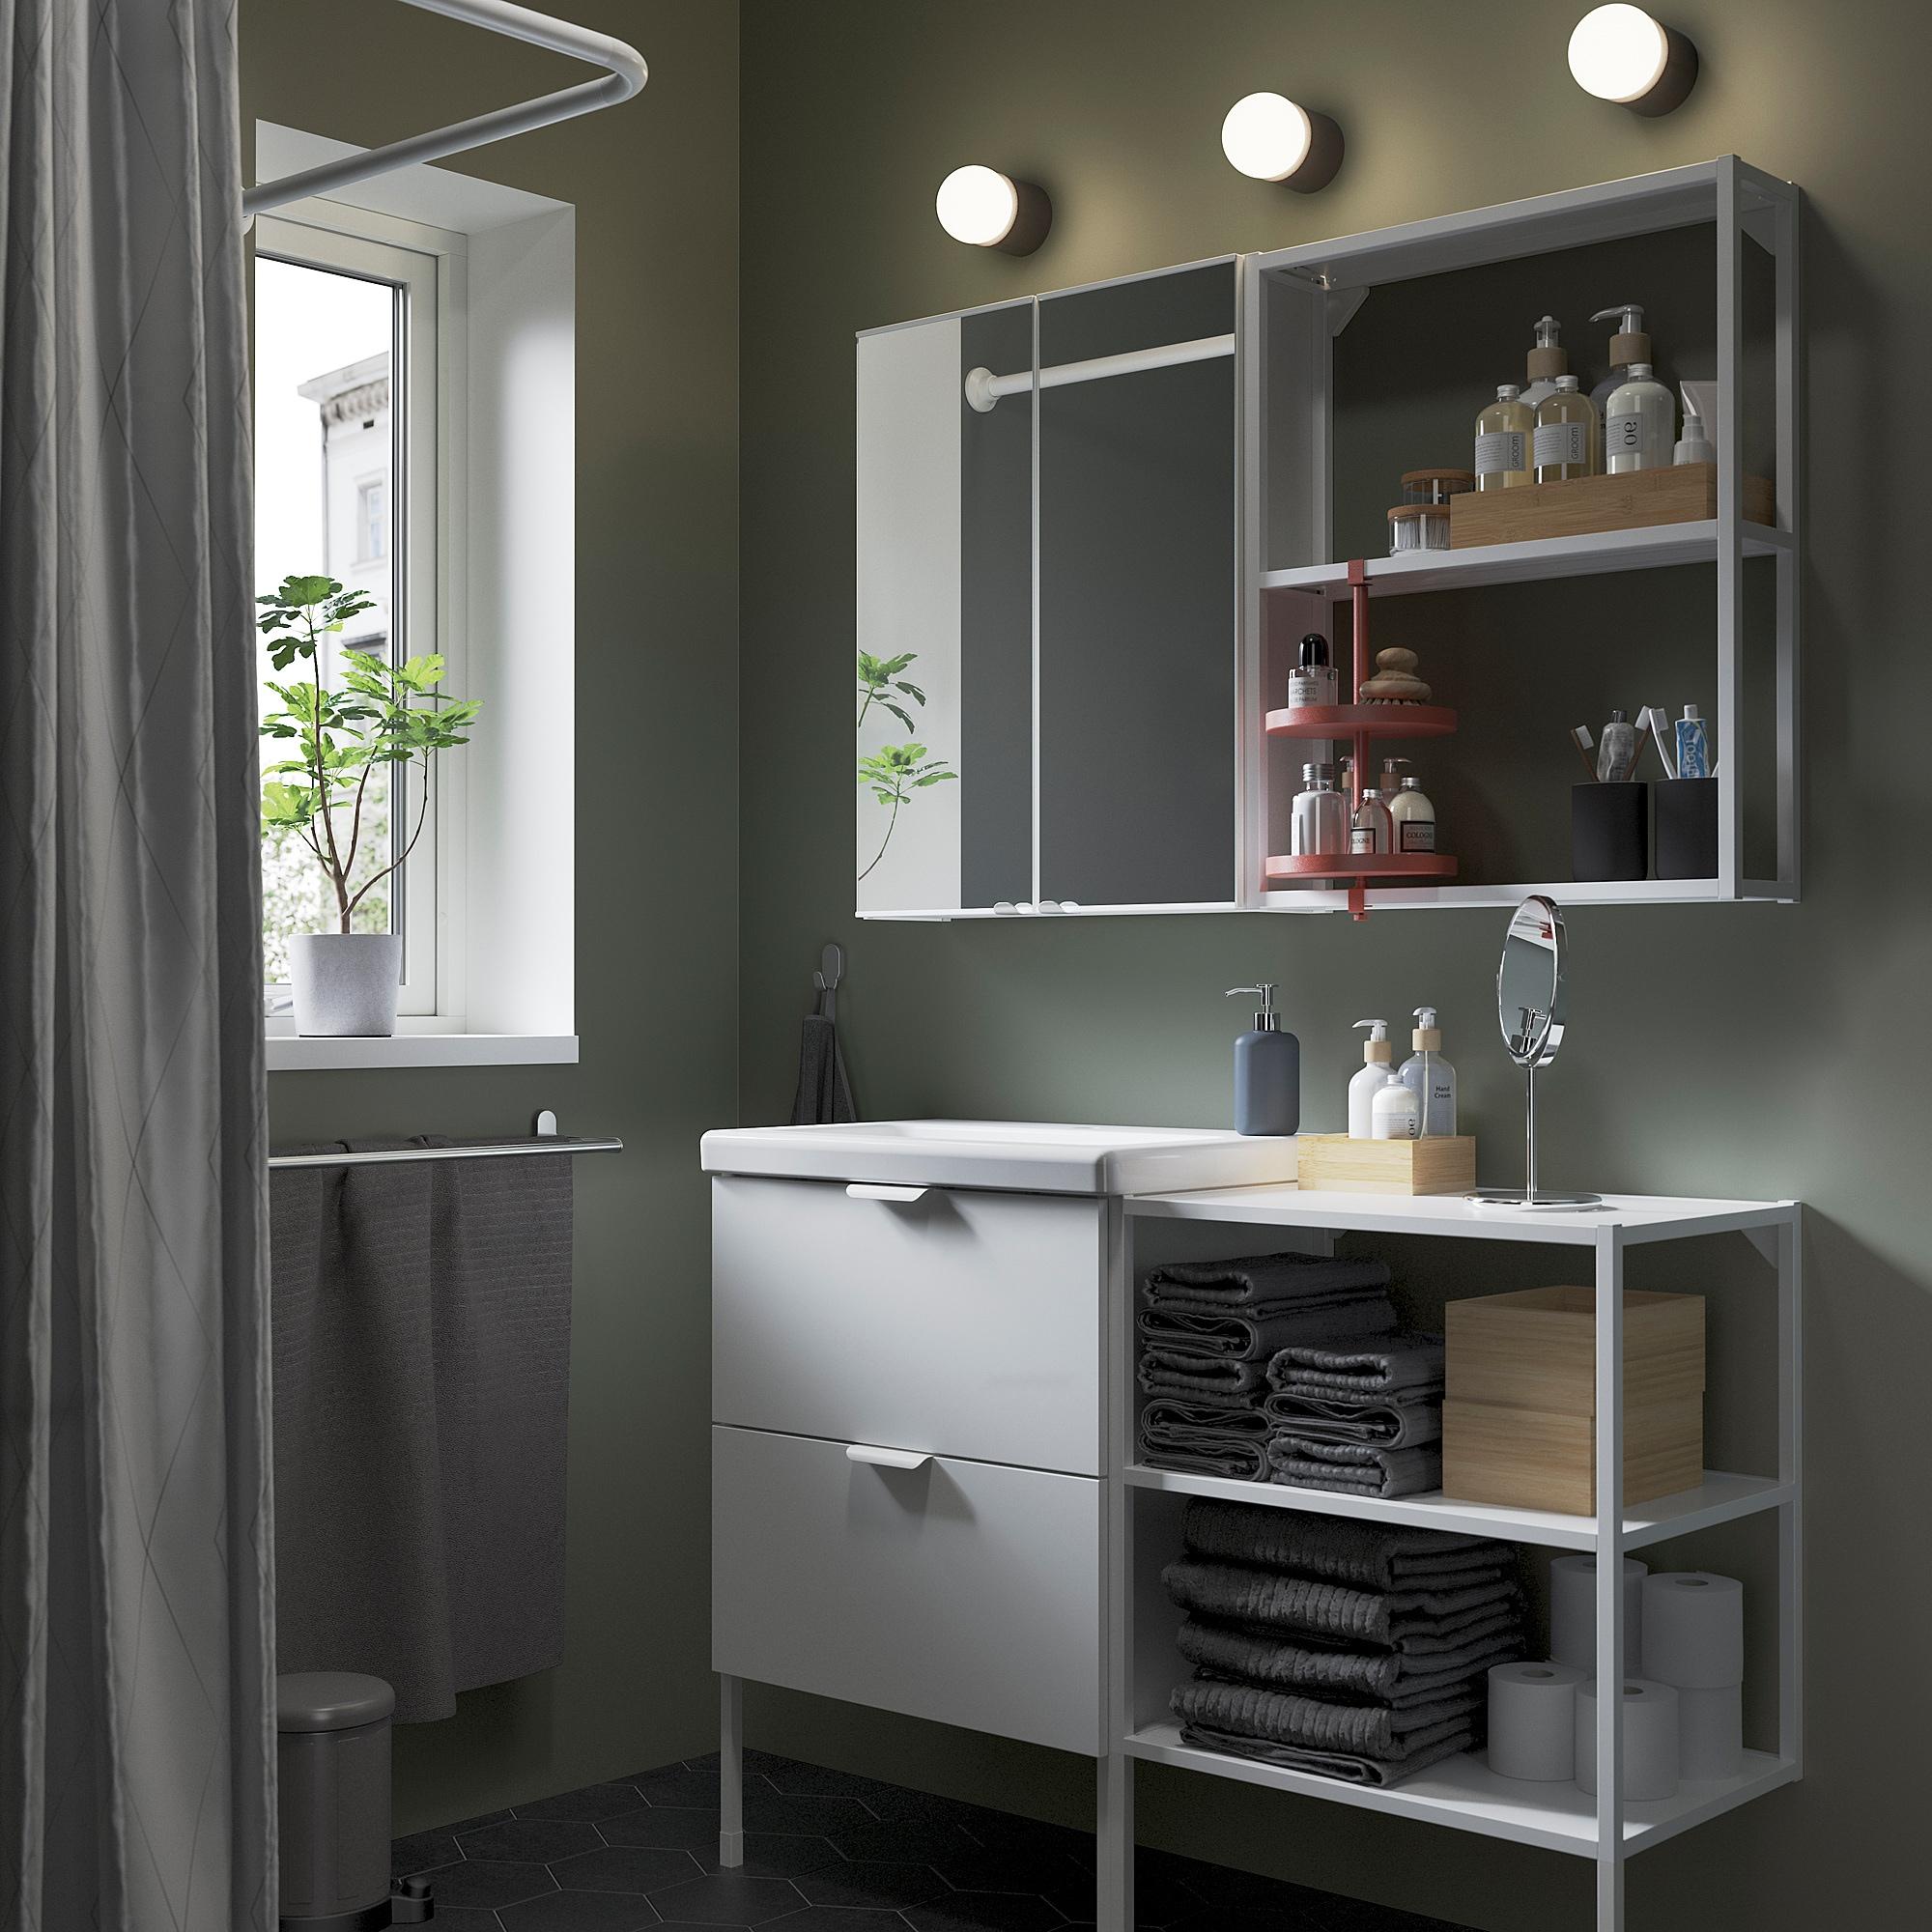 ENHET / TVÄLLEN Bathroom furniture, set of 15, high-gloss white/white Glypen tap, 122x43x87 cm